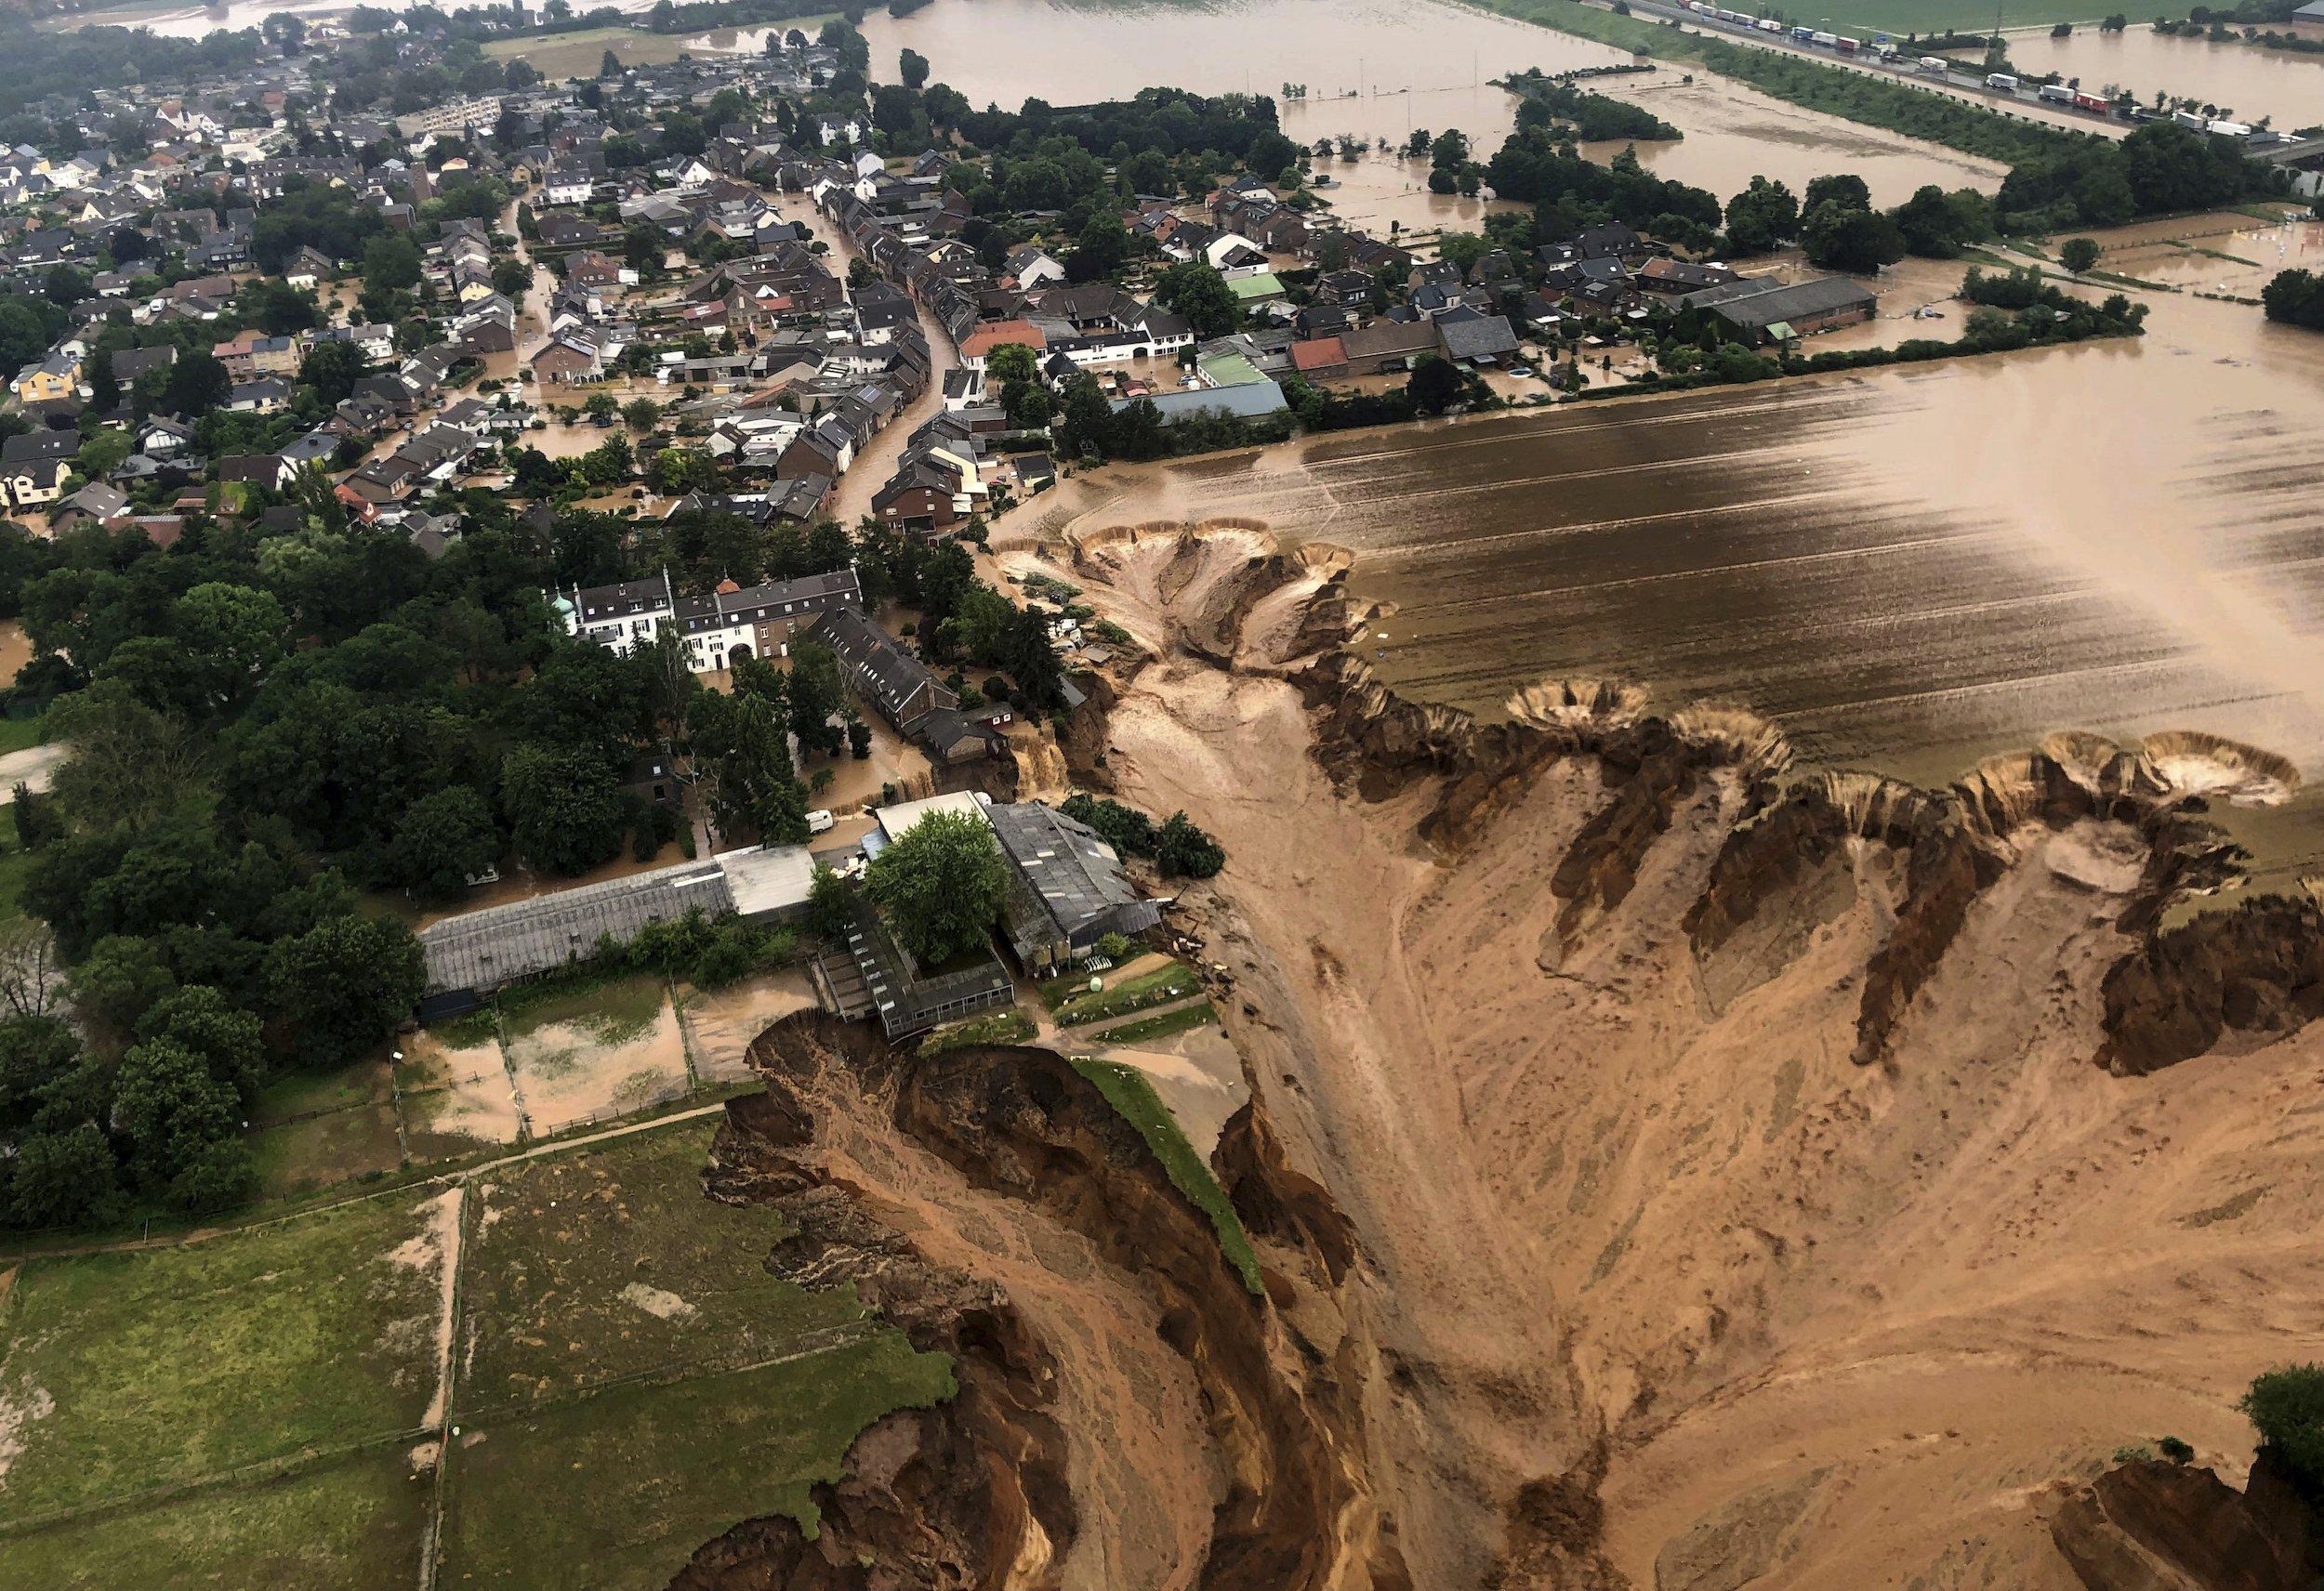 Luftaufnahme von Blessem: Felder und der Rand der Siedlung sind einer großen Abbruchkante gewichen, Wasser fließt hinab in die Sandgrube.